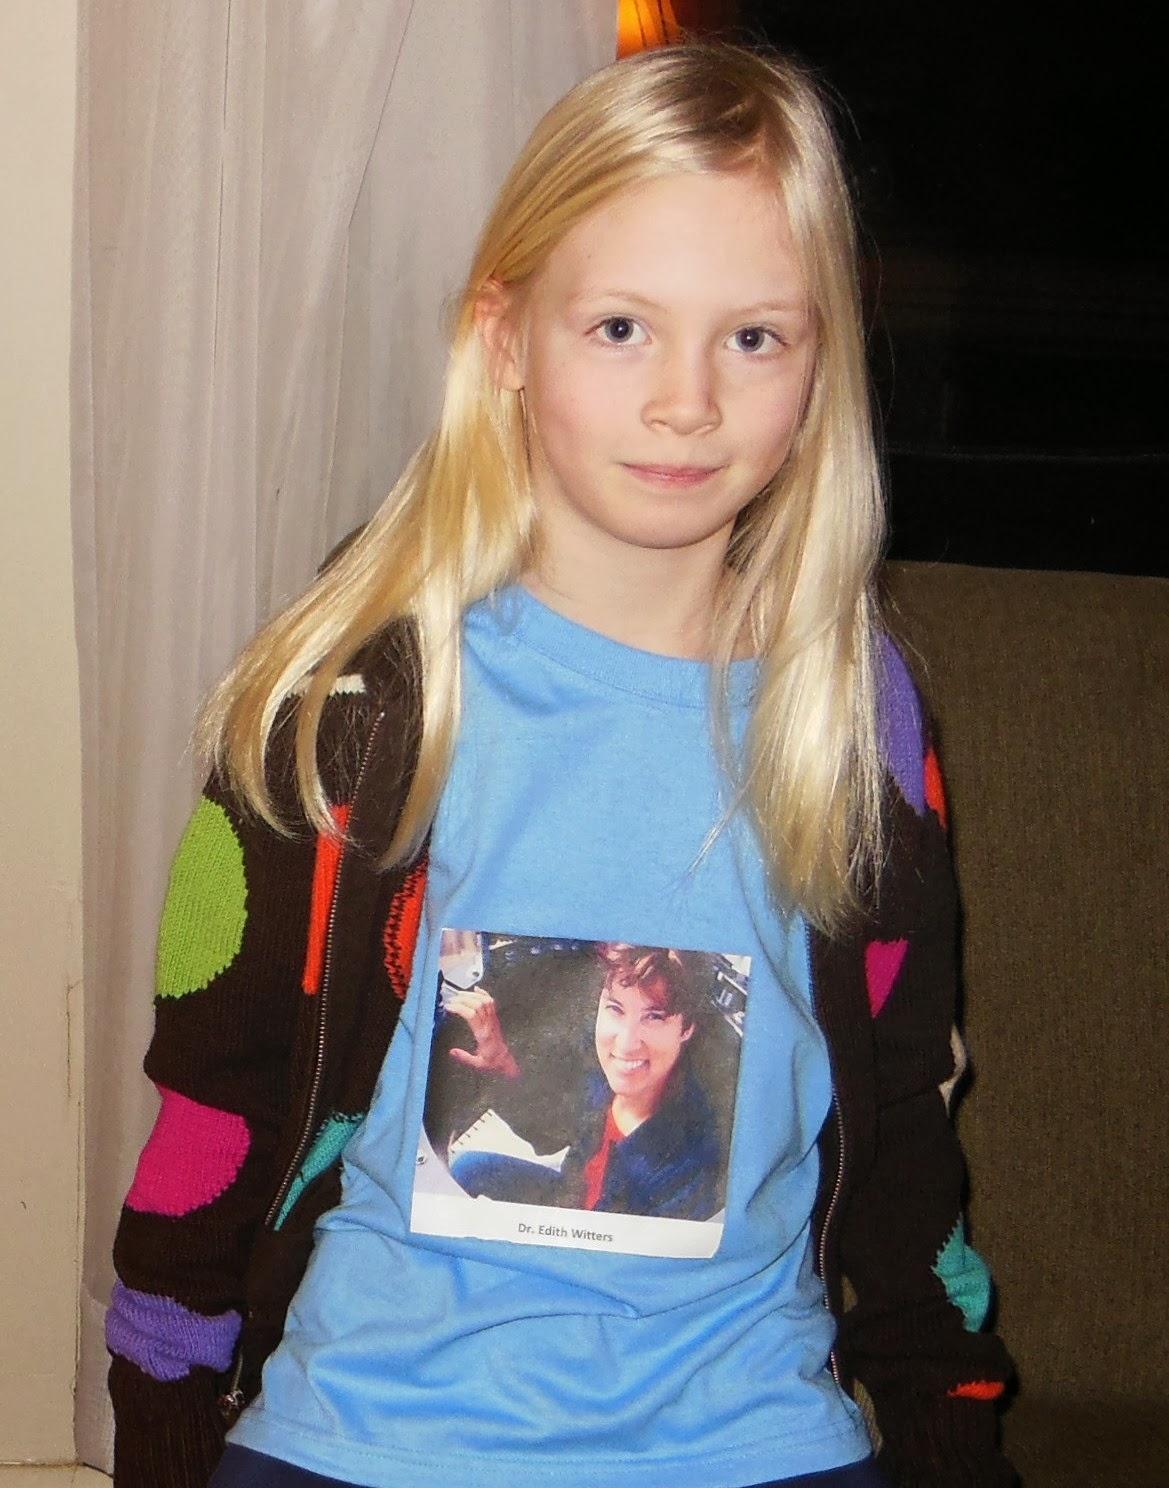 Girl in Edith Widder tshirt